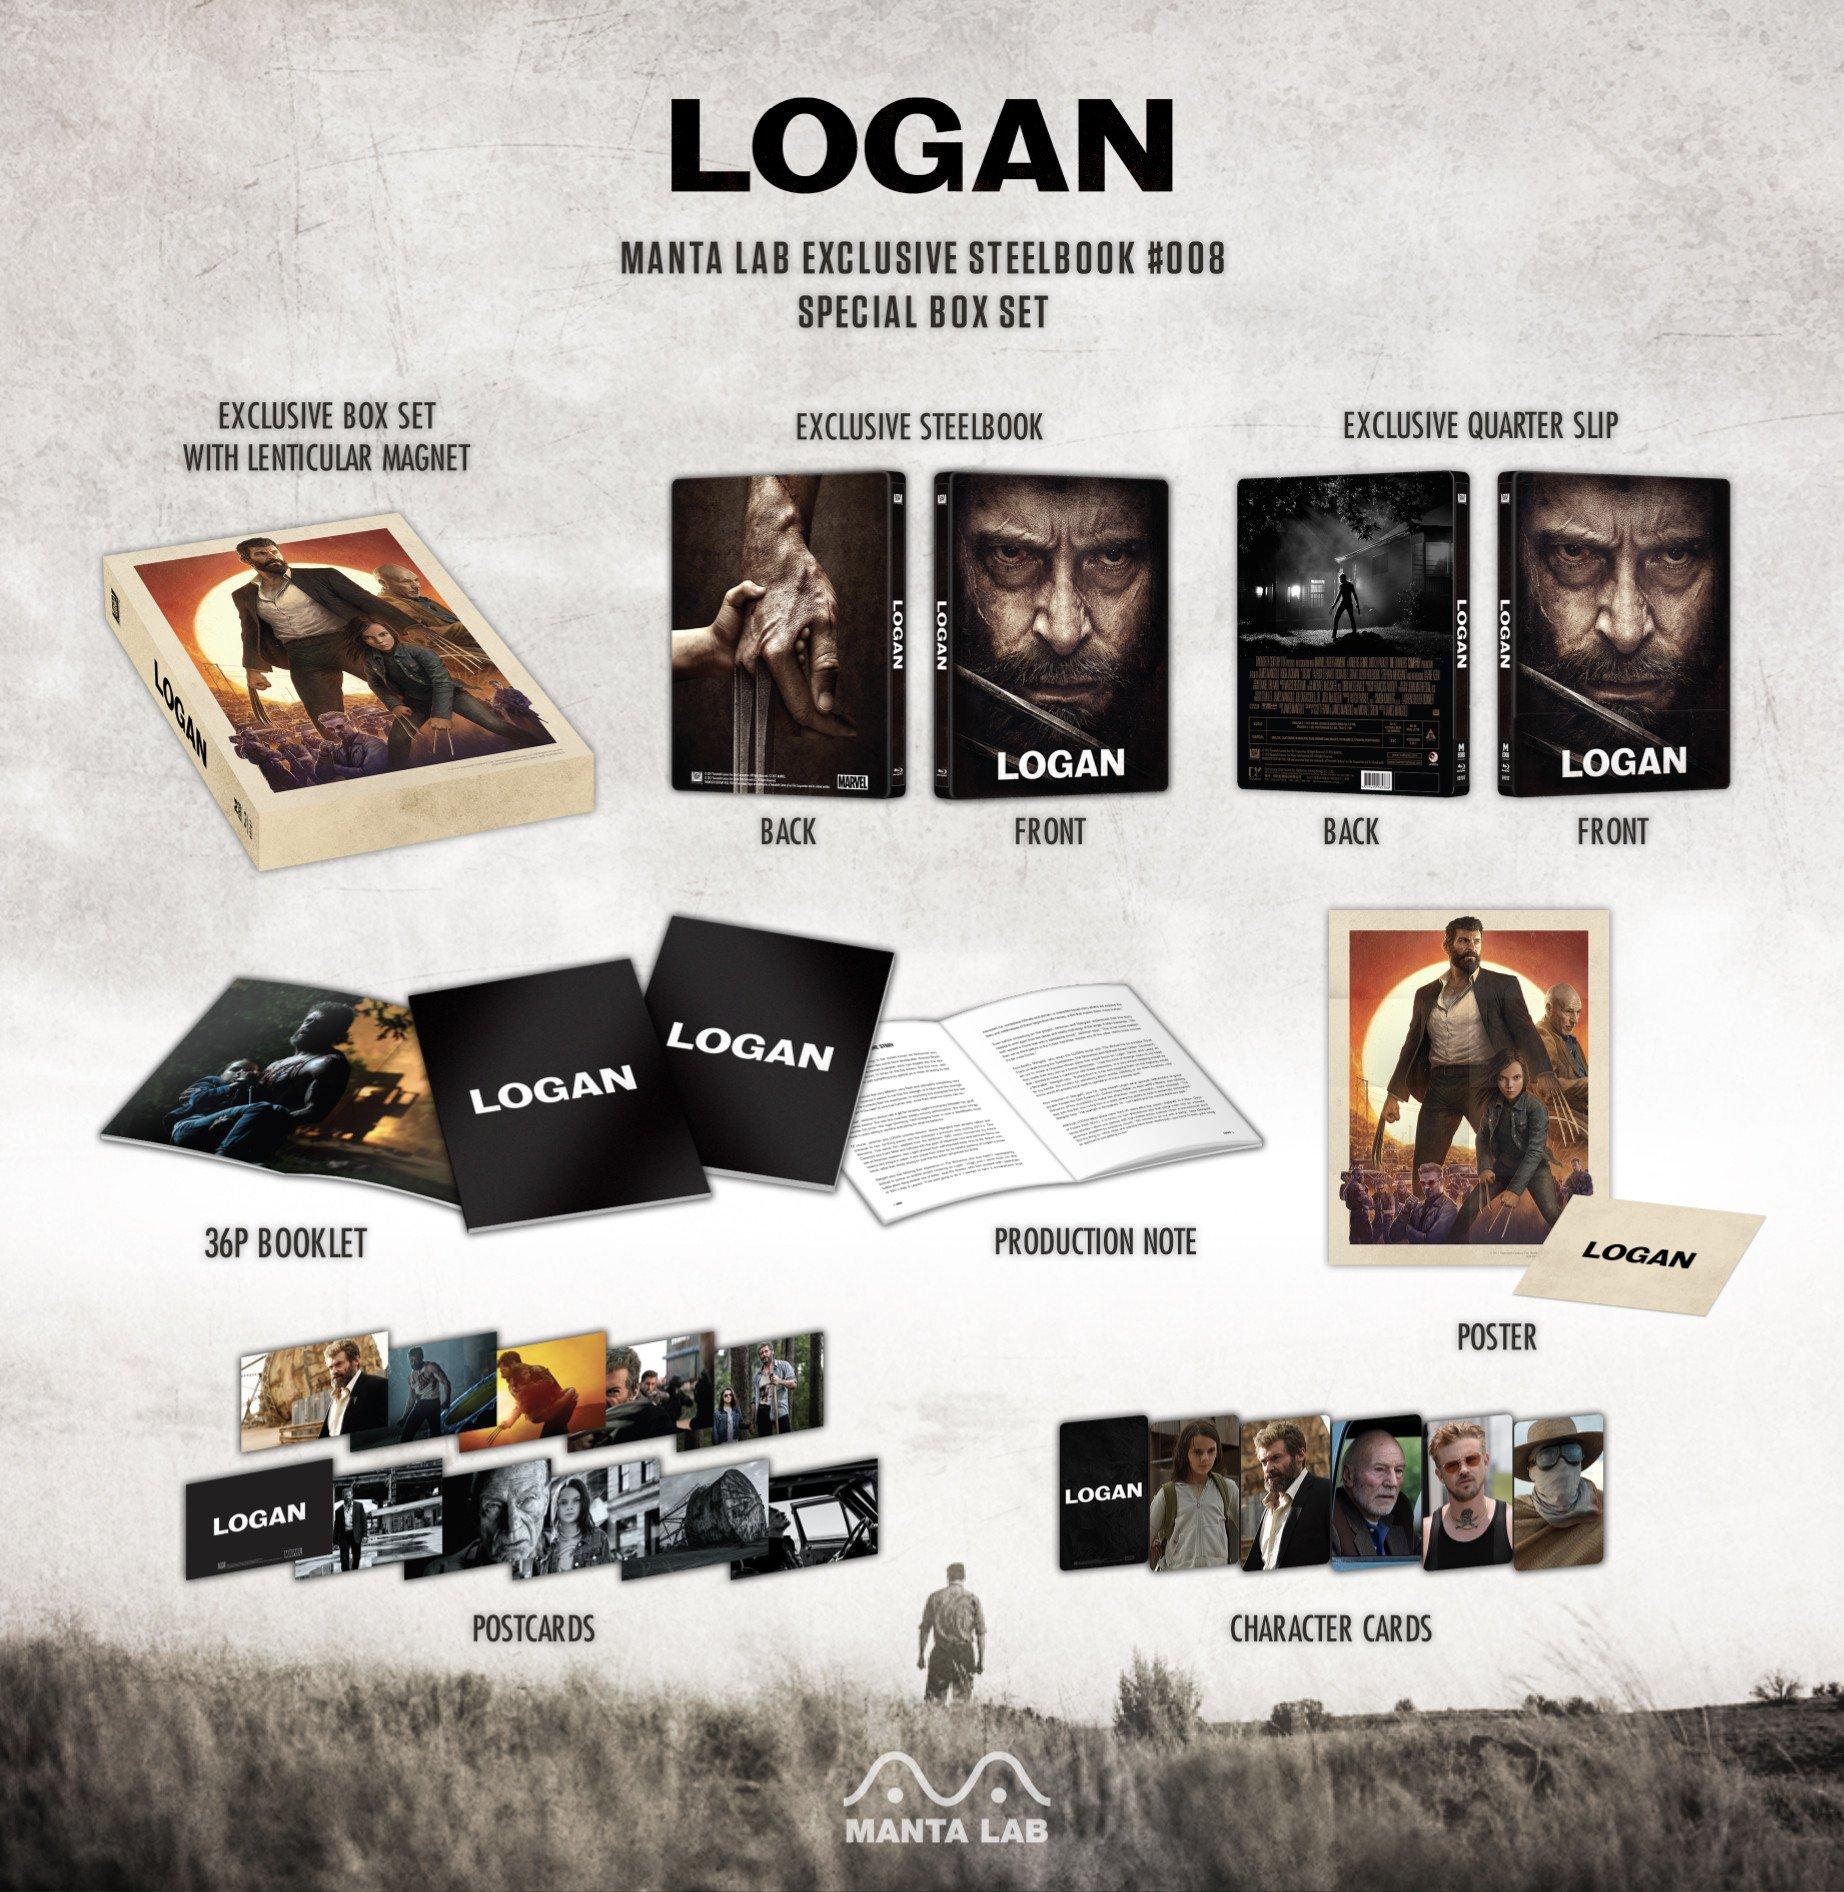 Logan specialbox